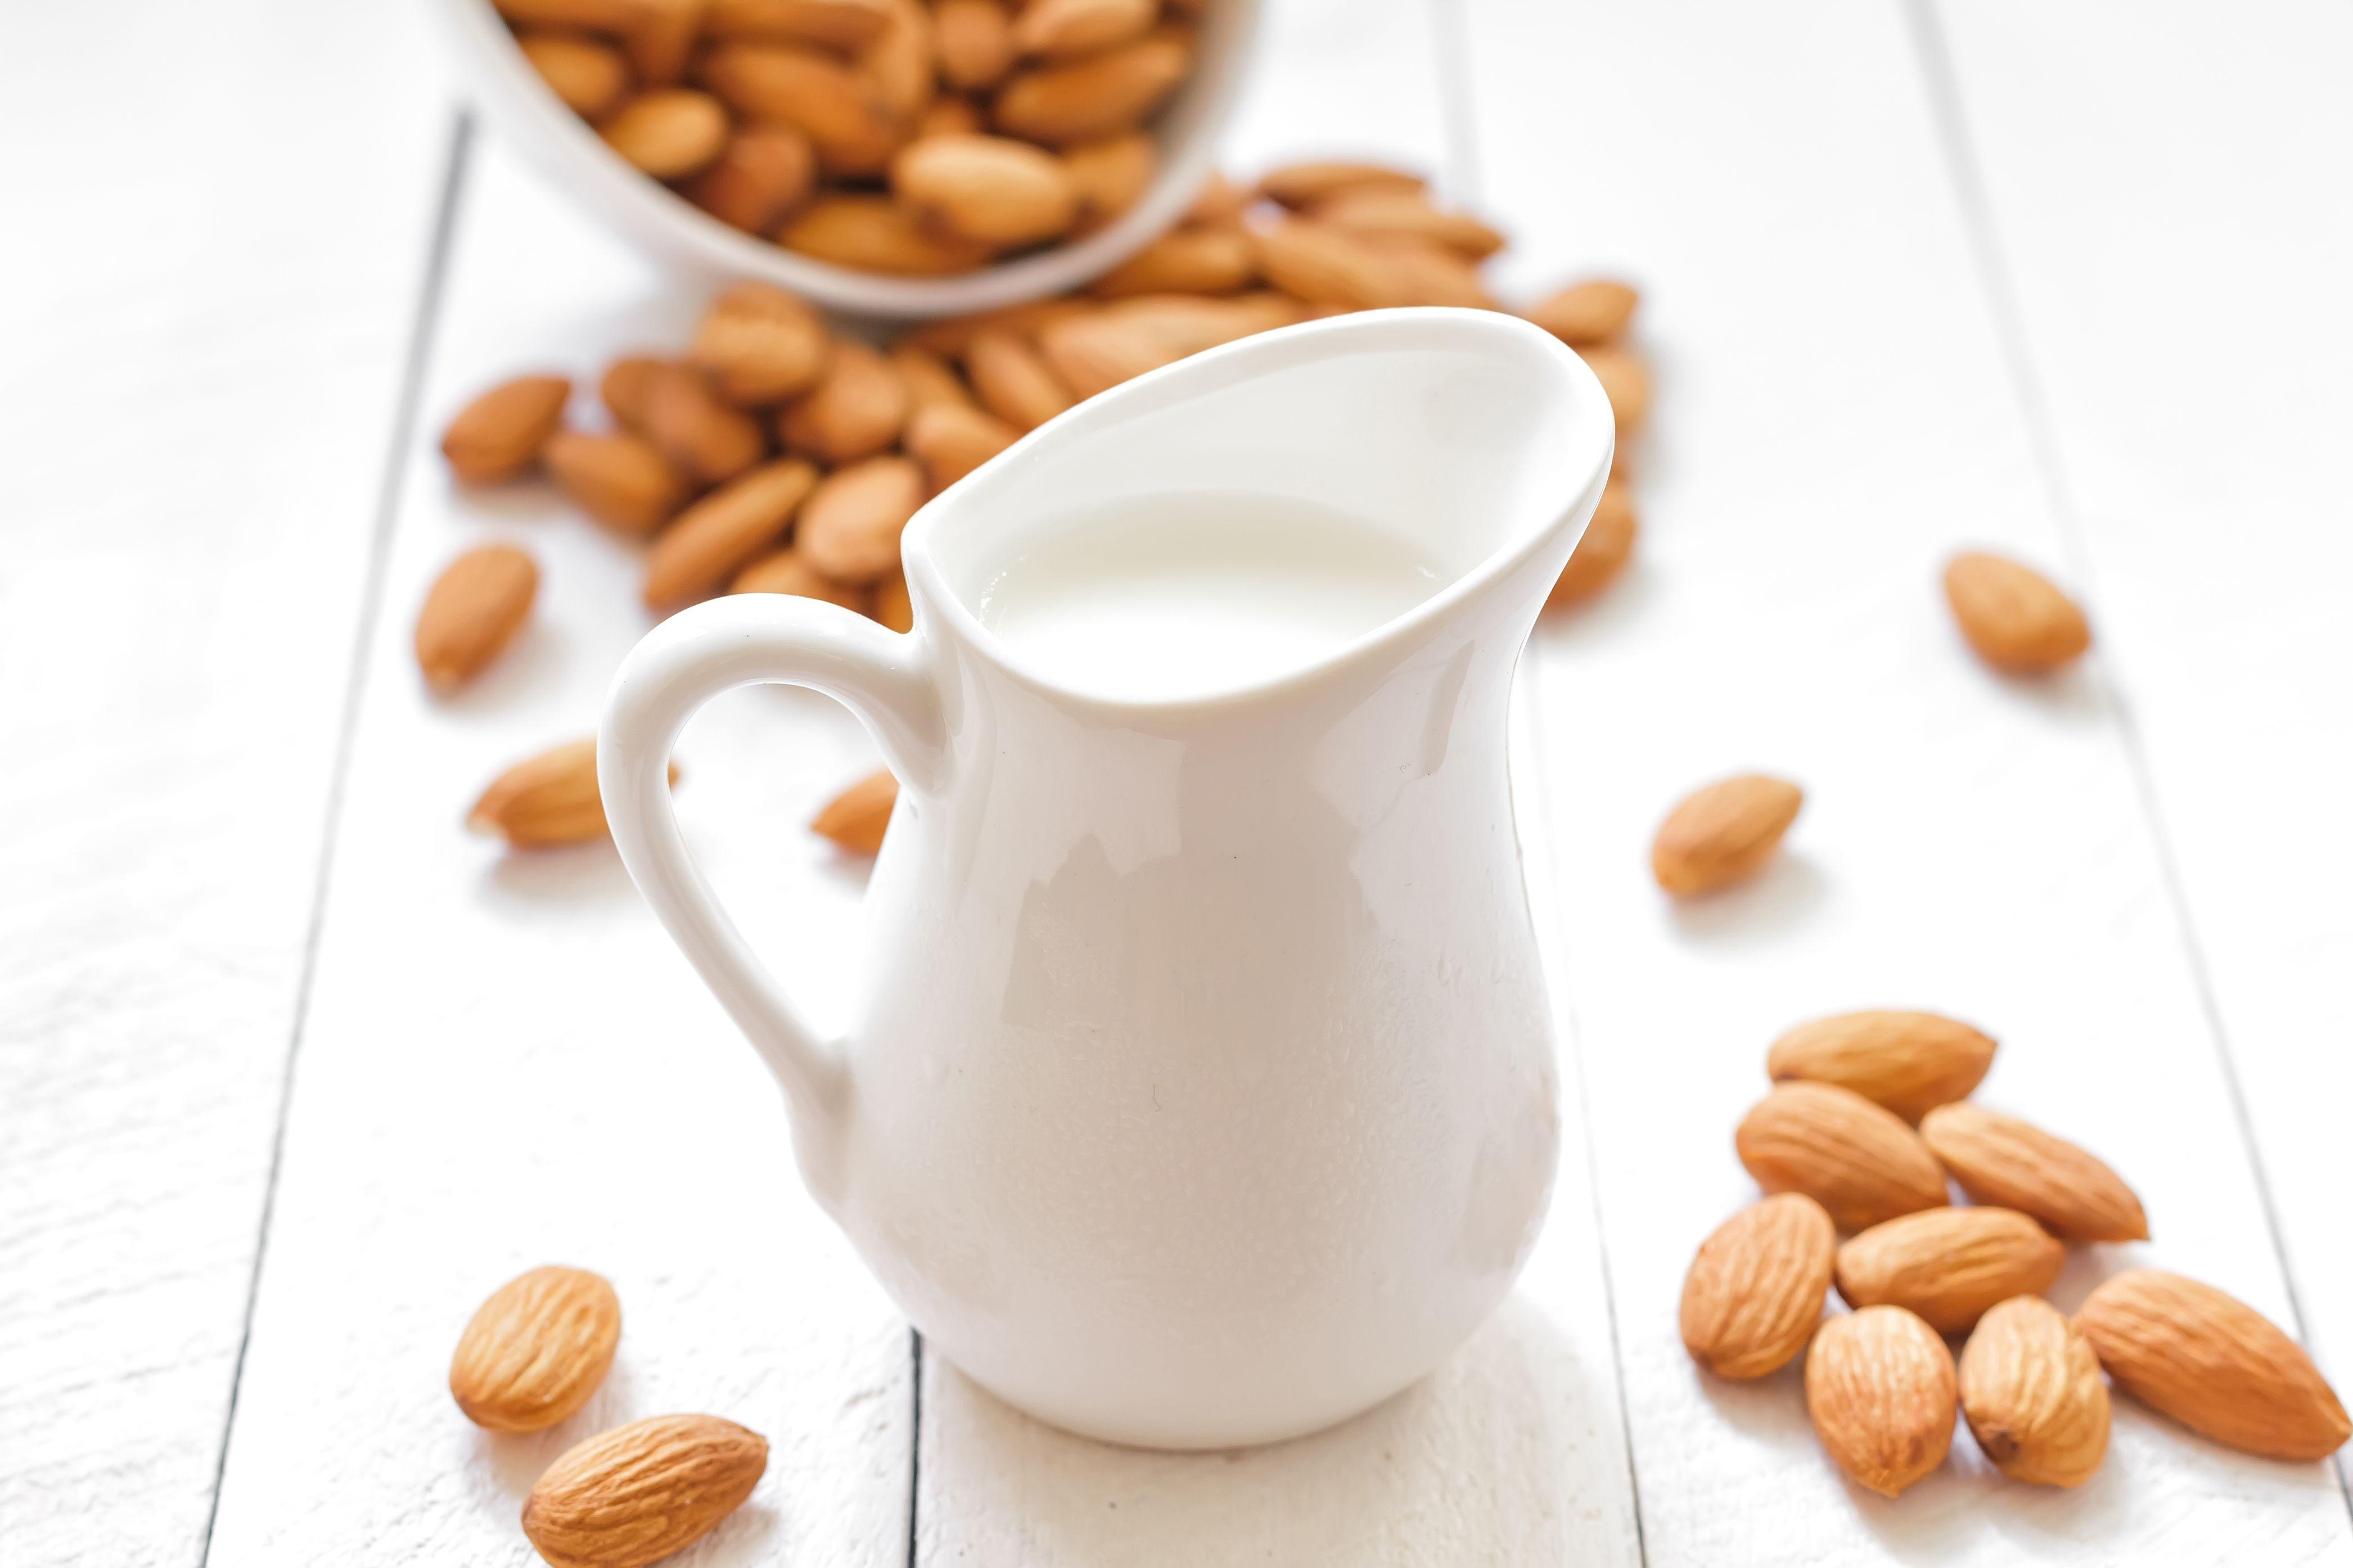 Almond Breeze Almond Milk Original, 64 oz - Walmart.com